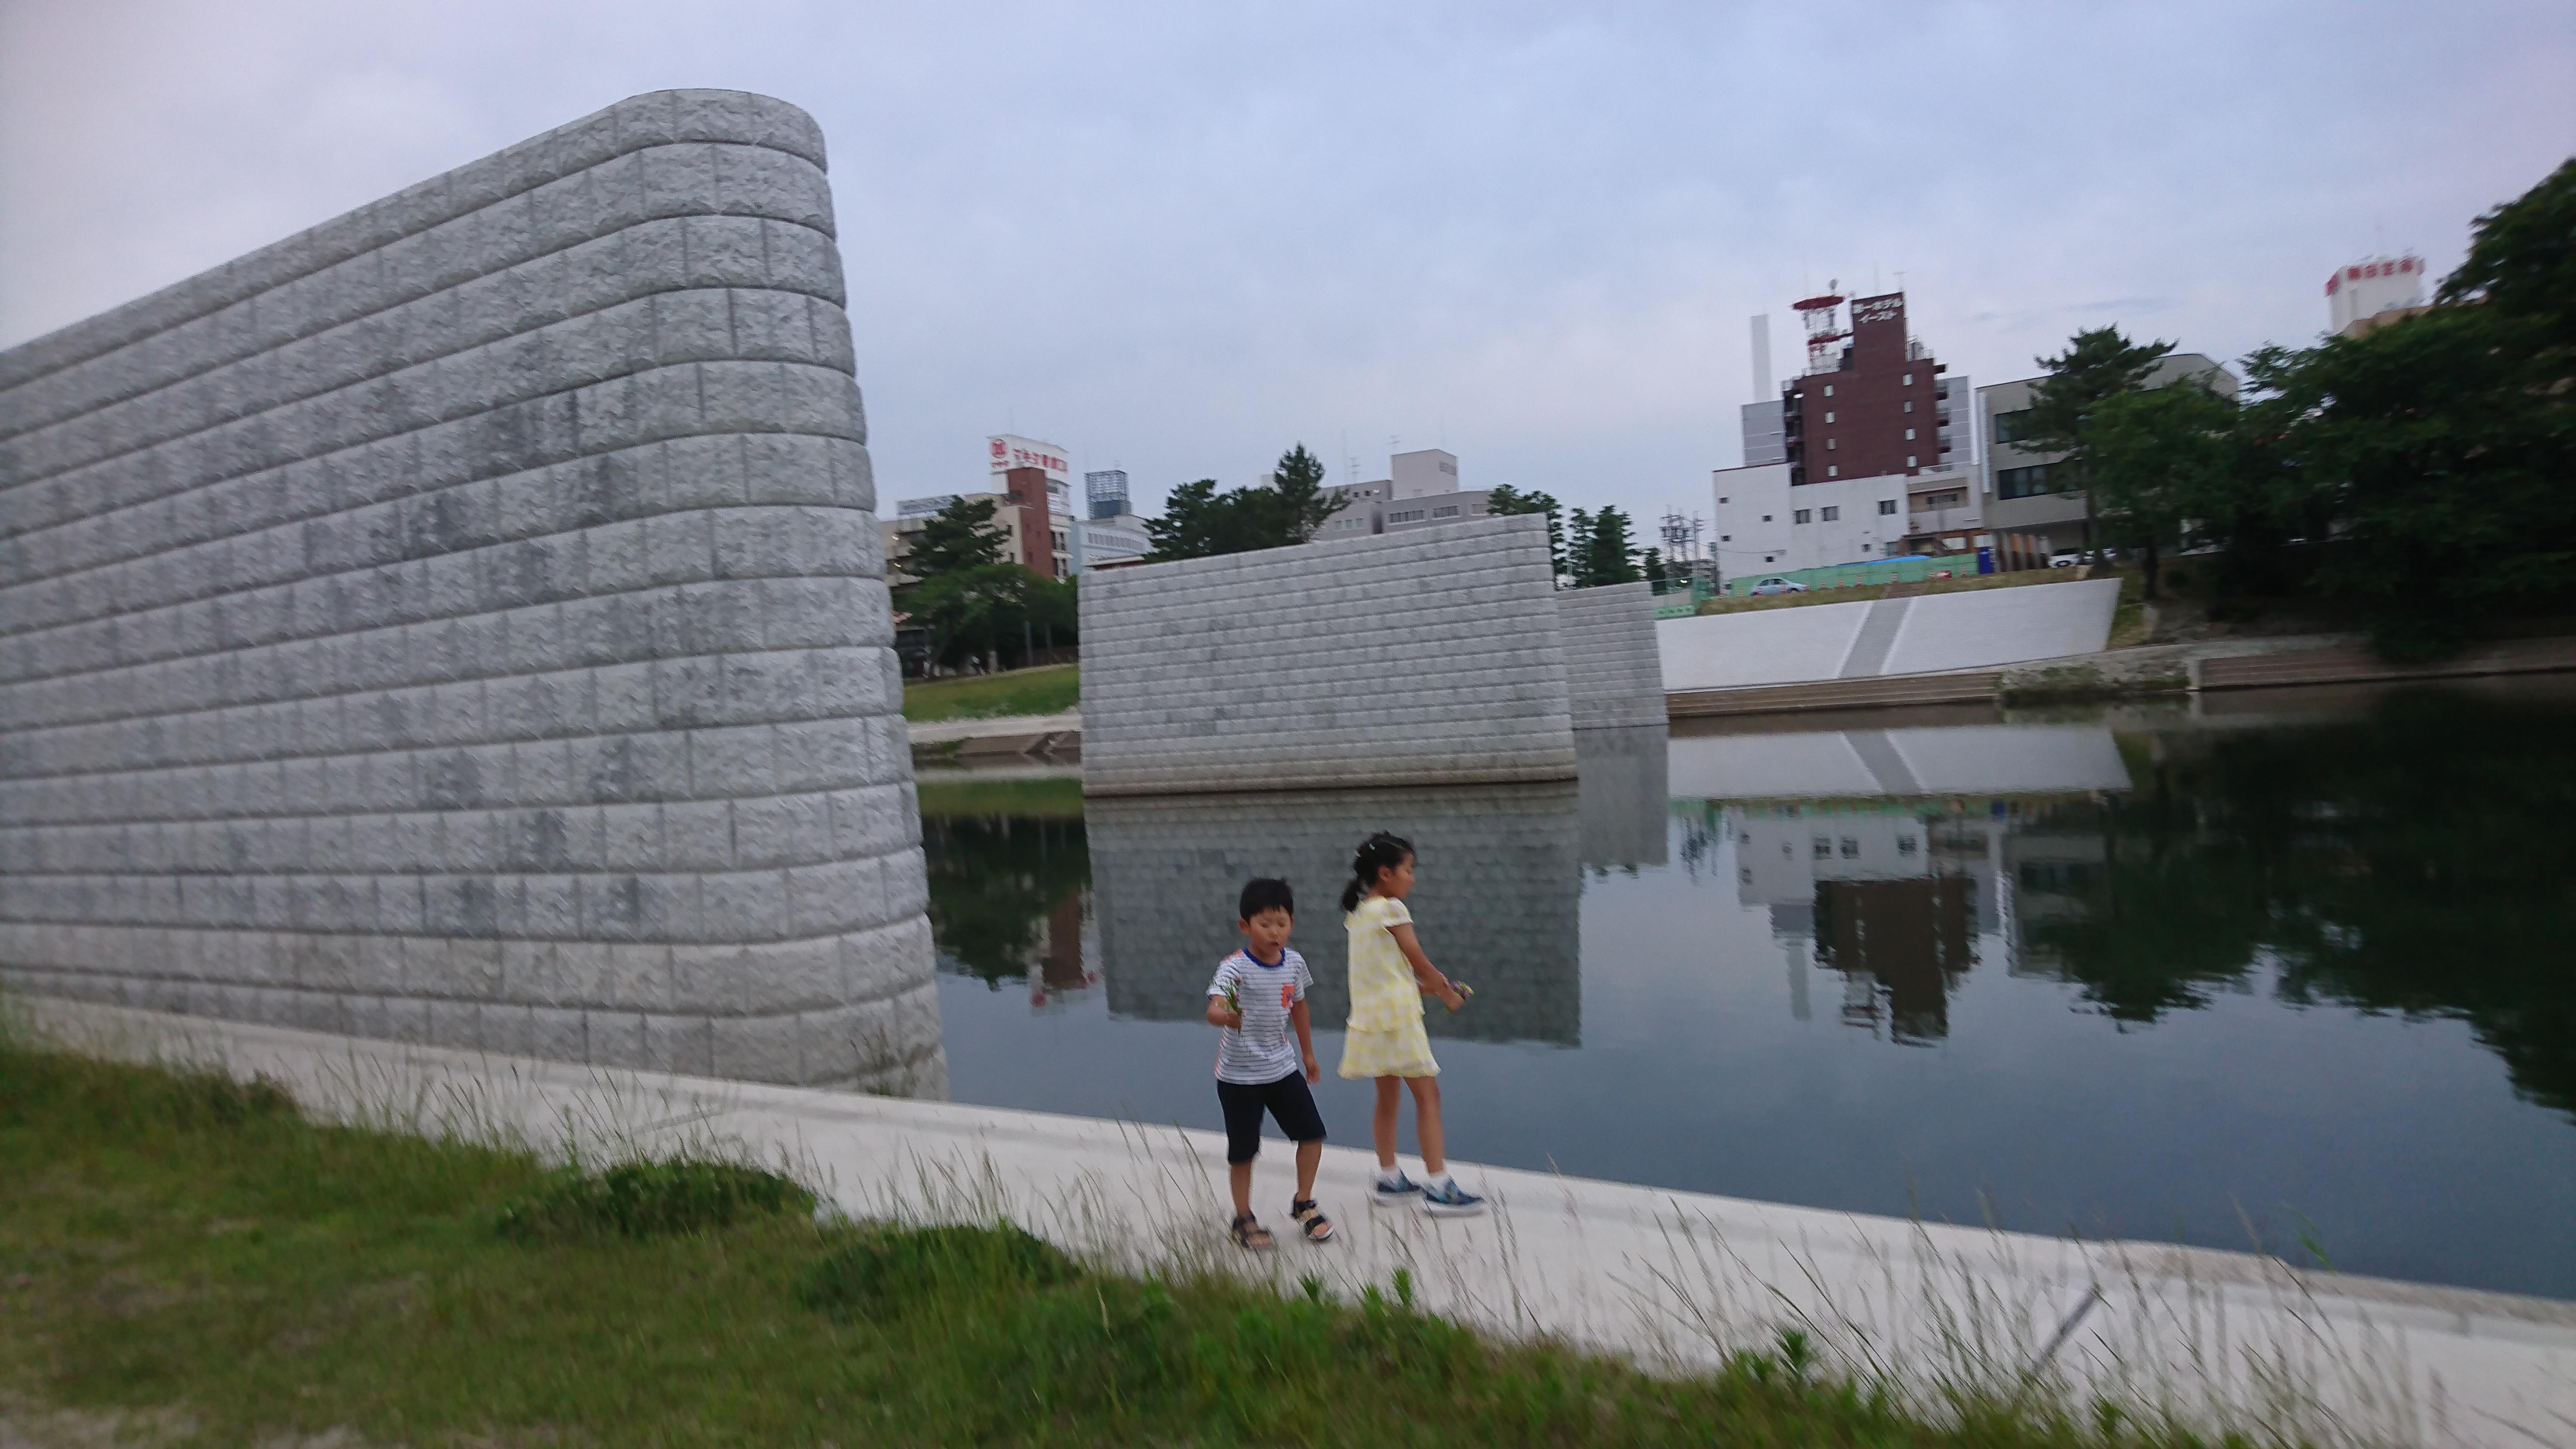 架橋している袂へ│犬の散歩的な│2018-06-05-photos